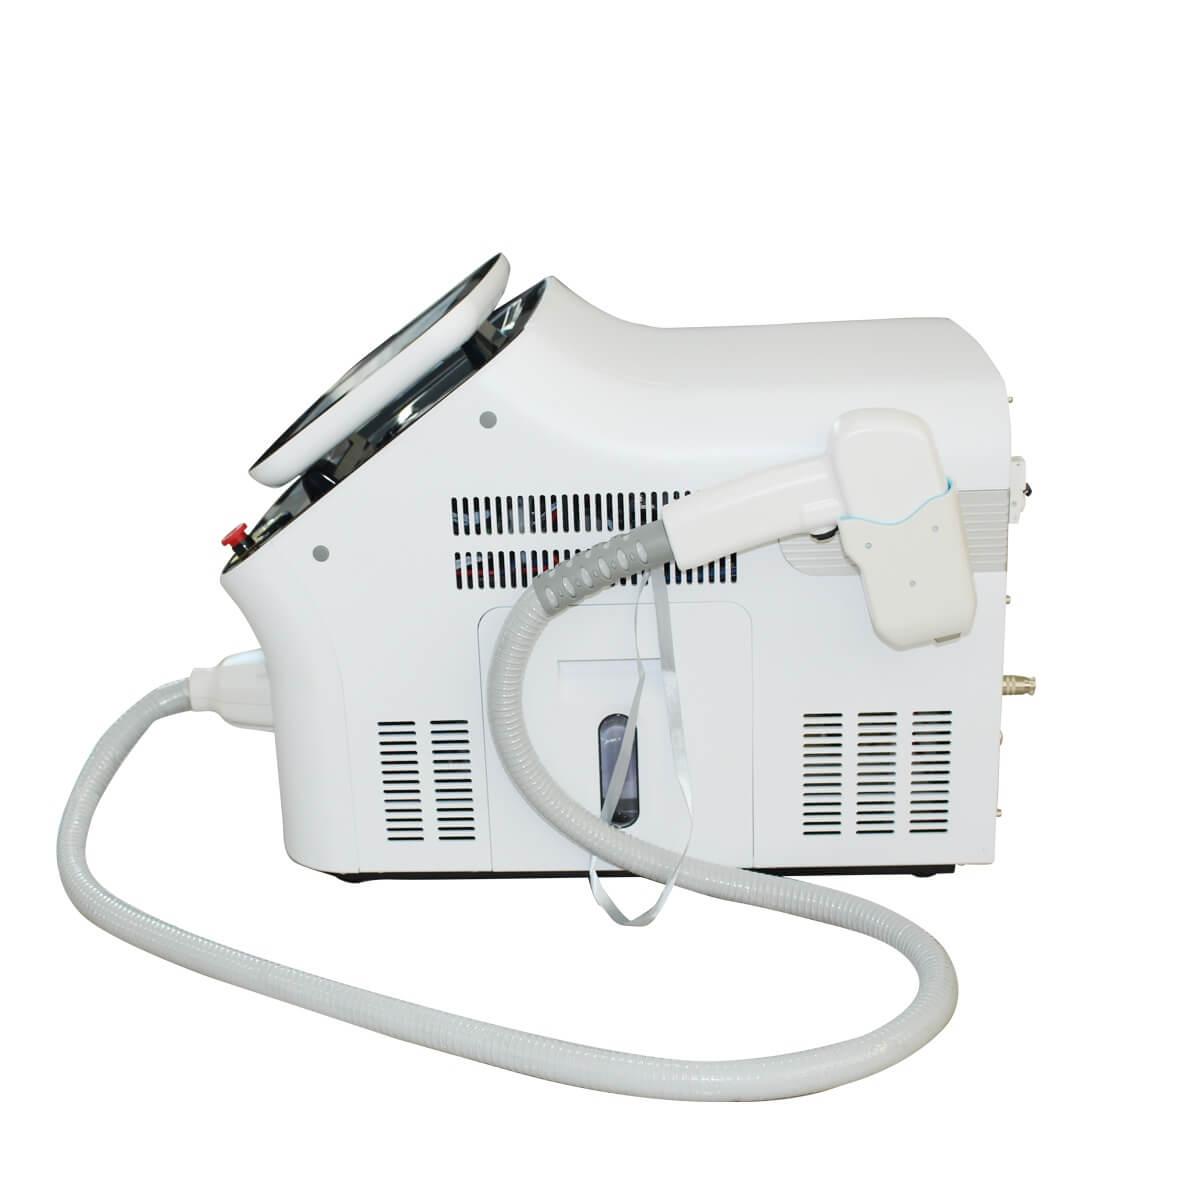 lazer31 - Обзор 3х волнового диодного лазера FG2000B